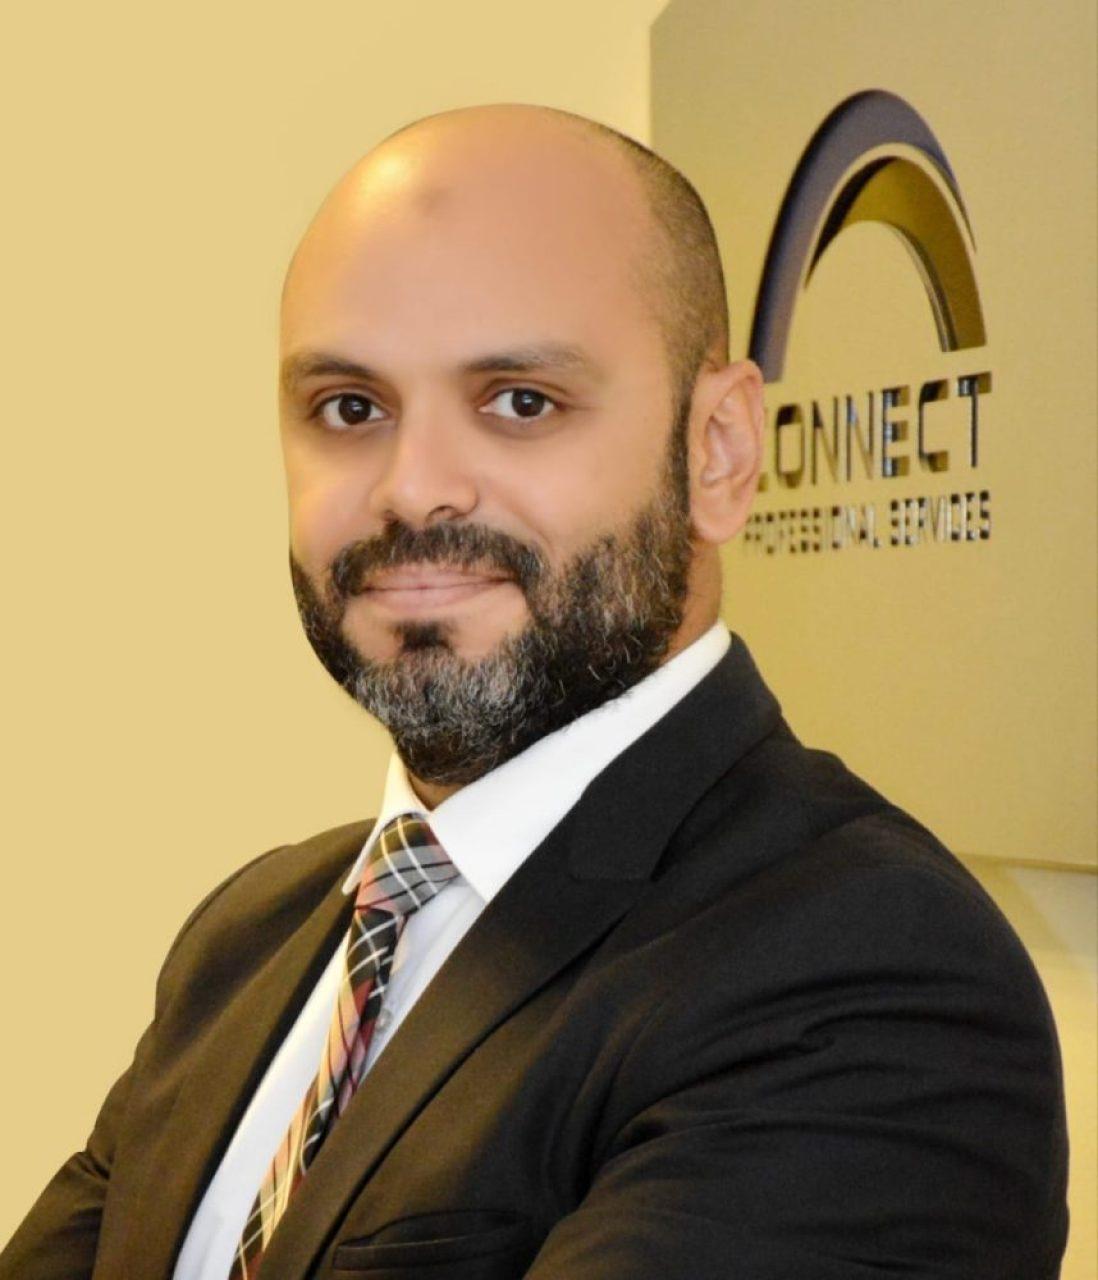 محمد شمس الدين، مدير القطاع التجاري بشركة كونكت